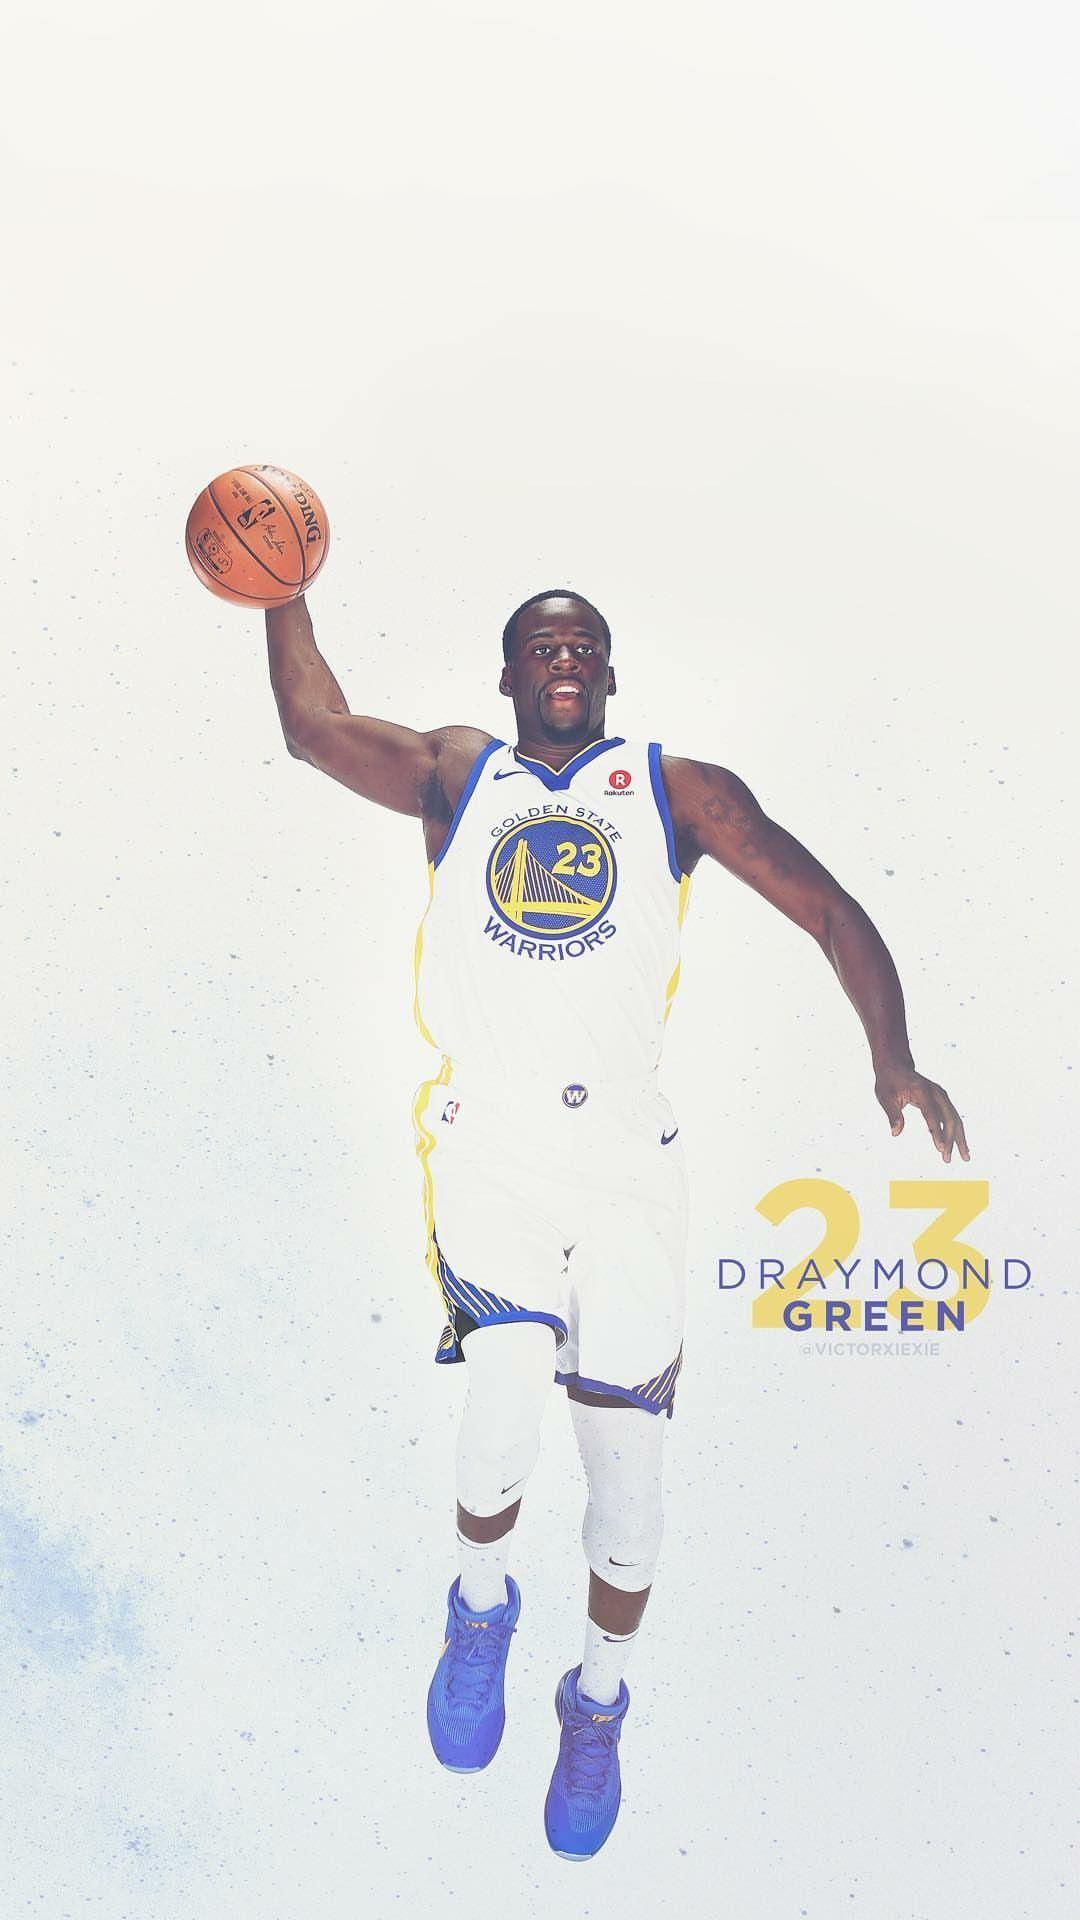 Draymond Green Wallpaper Basketball Motivation Basketball Wallpaper Nba Wallpapers